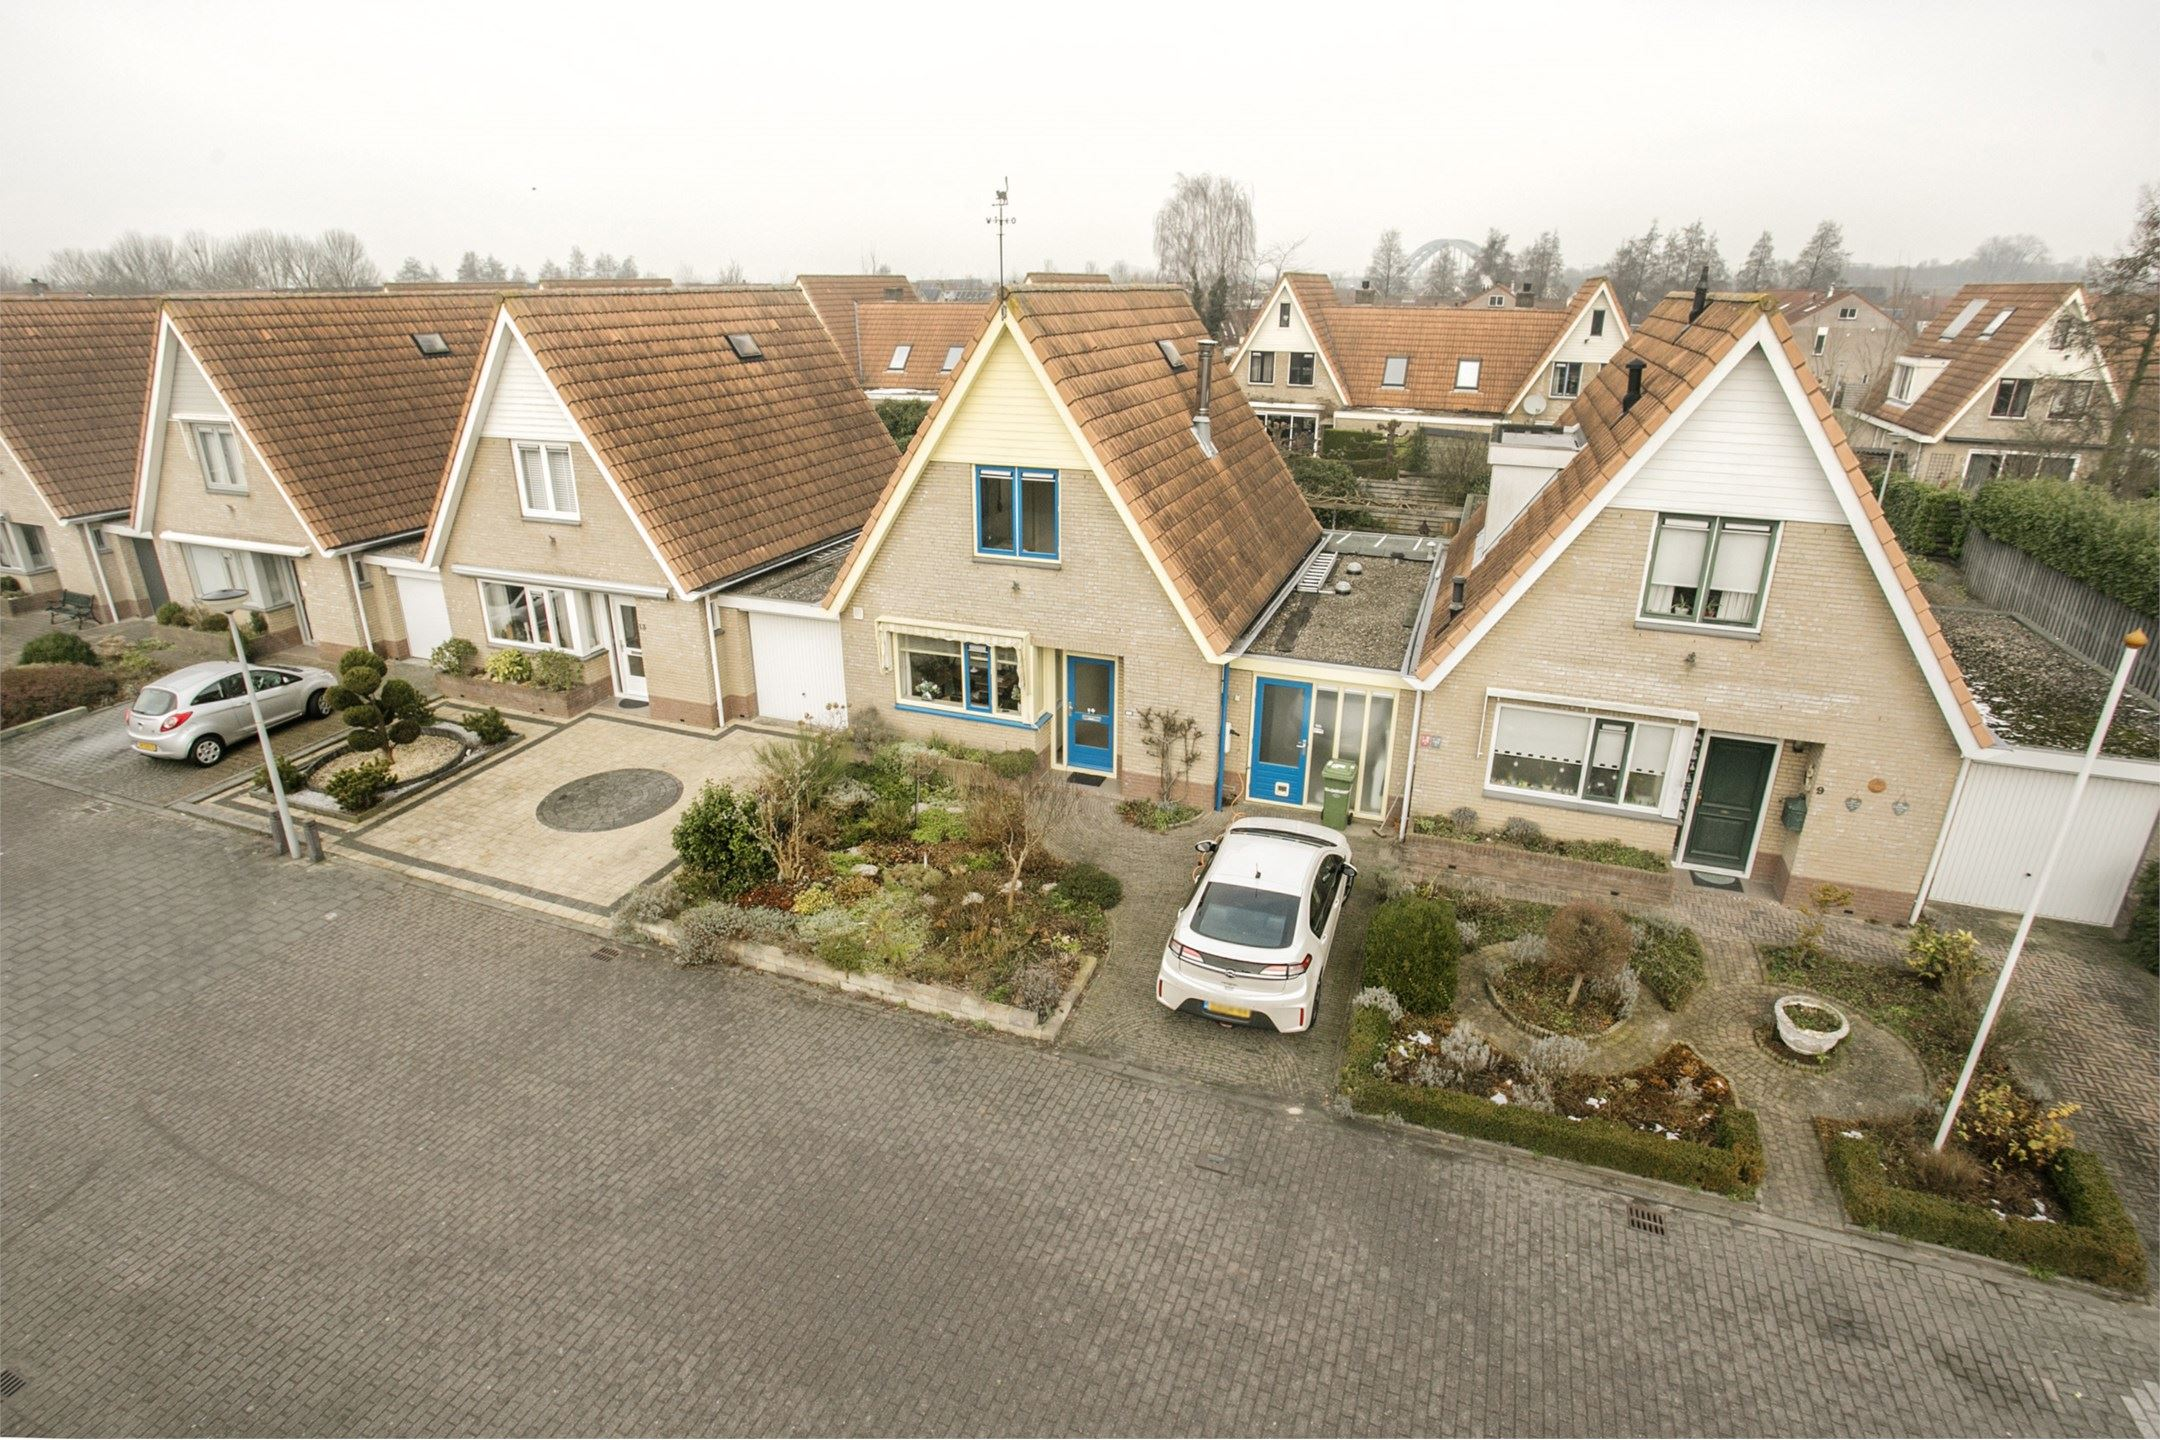 Huis te koop  Bonkelaarweg 11 4105 HG Culemborg [funda]